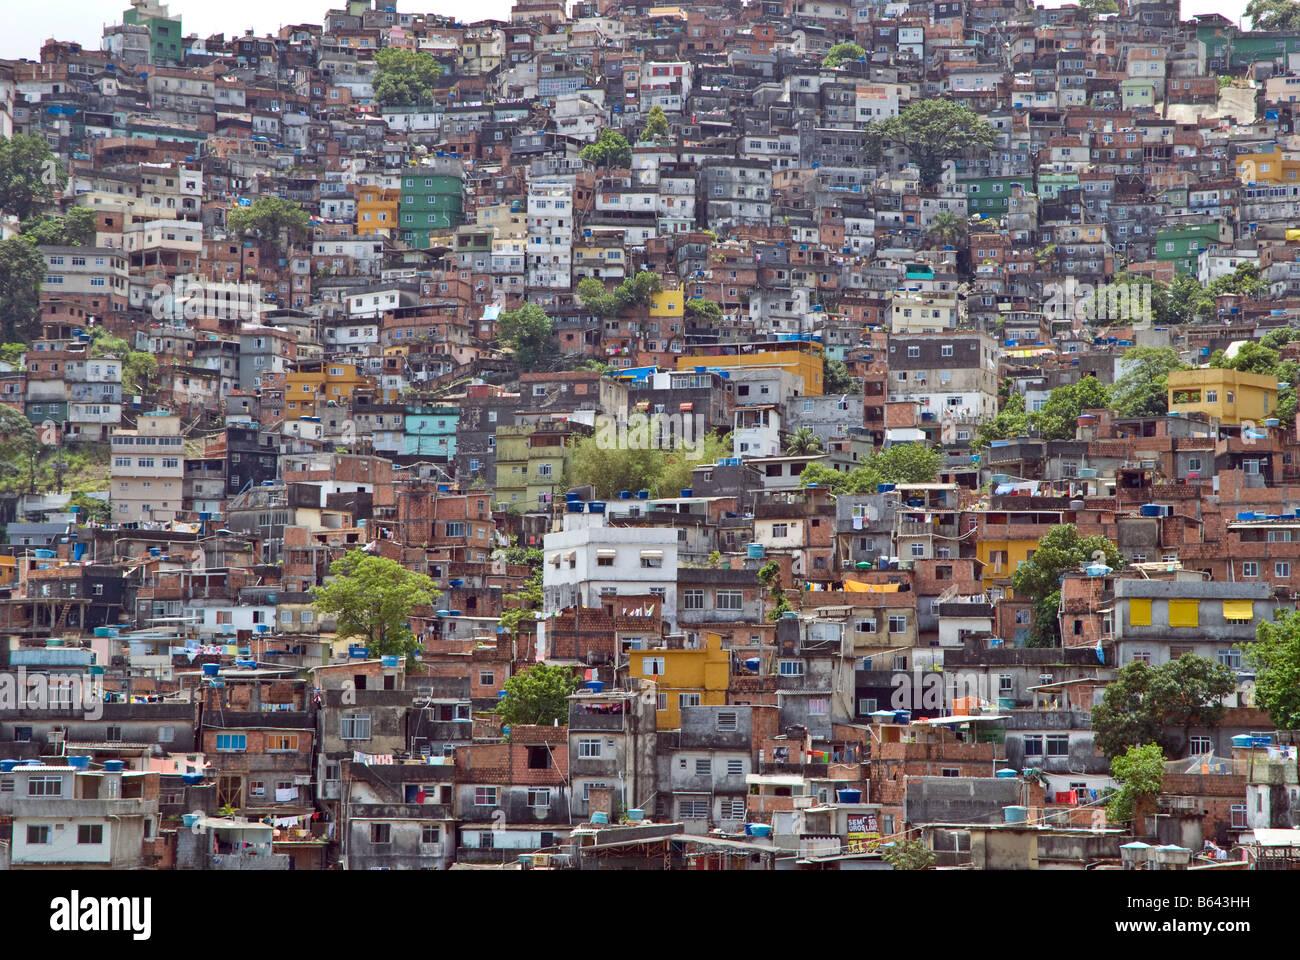 rocinha the largest favela slum in rio de janeiro brazil stock